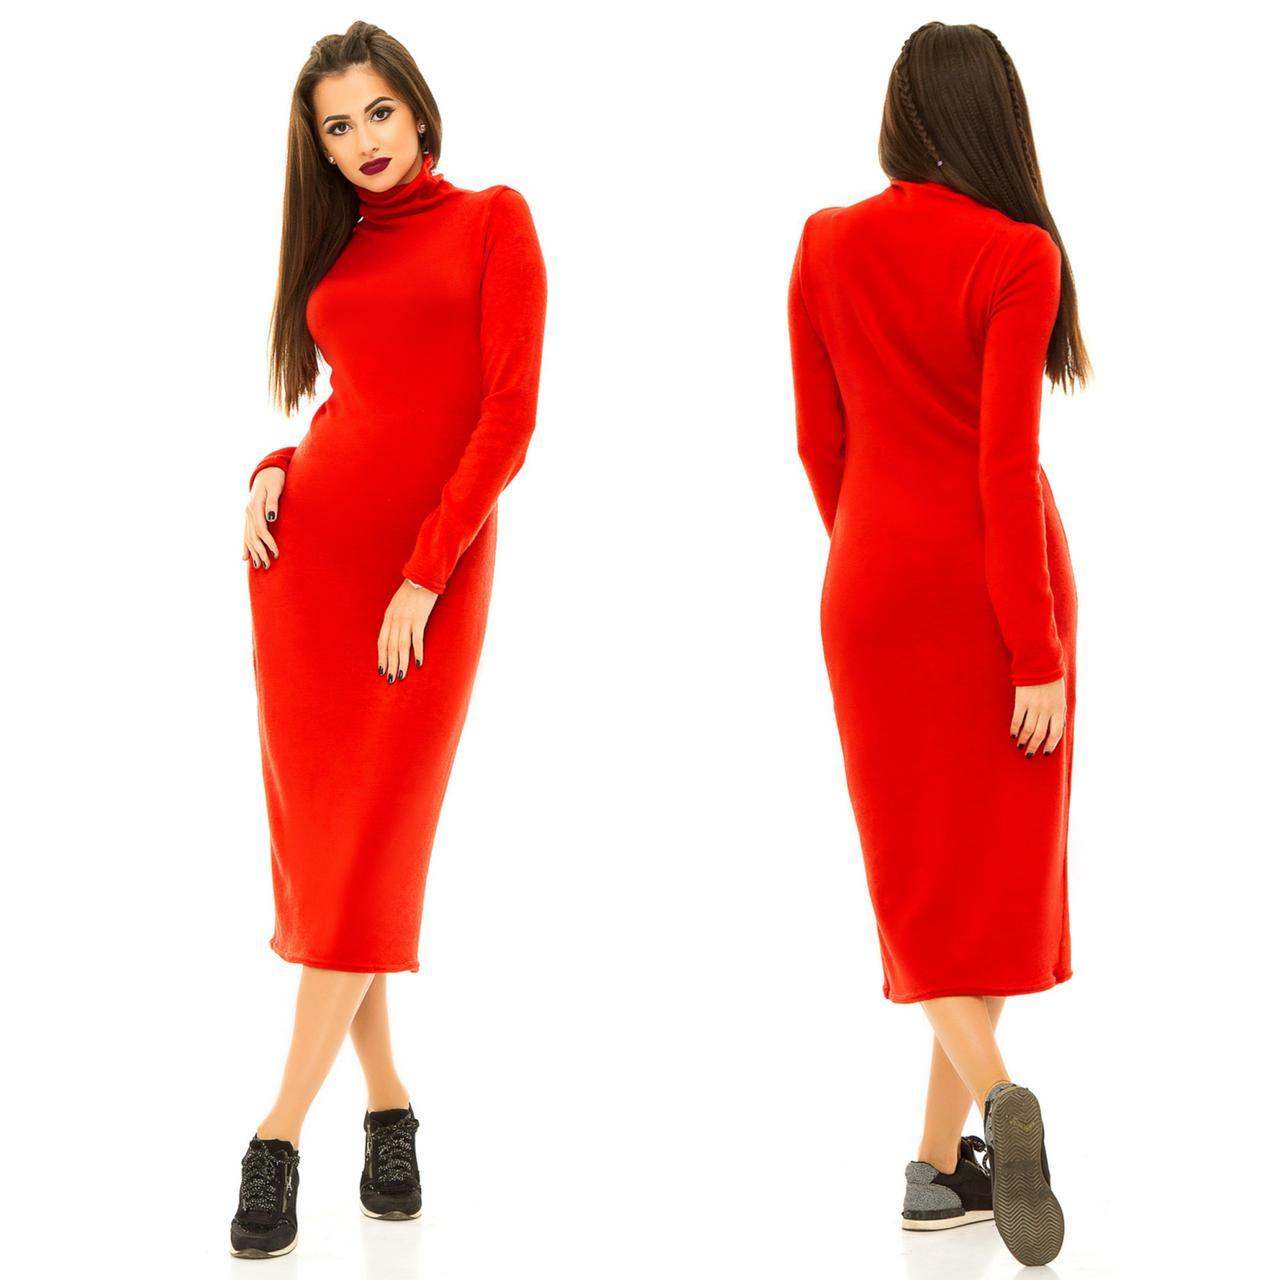 ea9f1649a82 Ярко-красное ангоровое женское платье прямого кроя с воротником стойка  Арт-6767 64